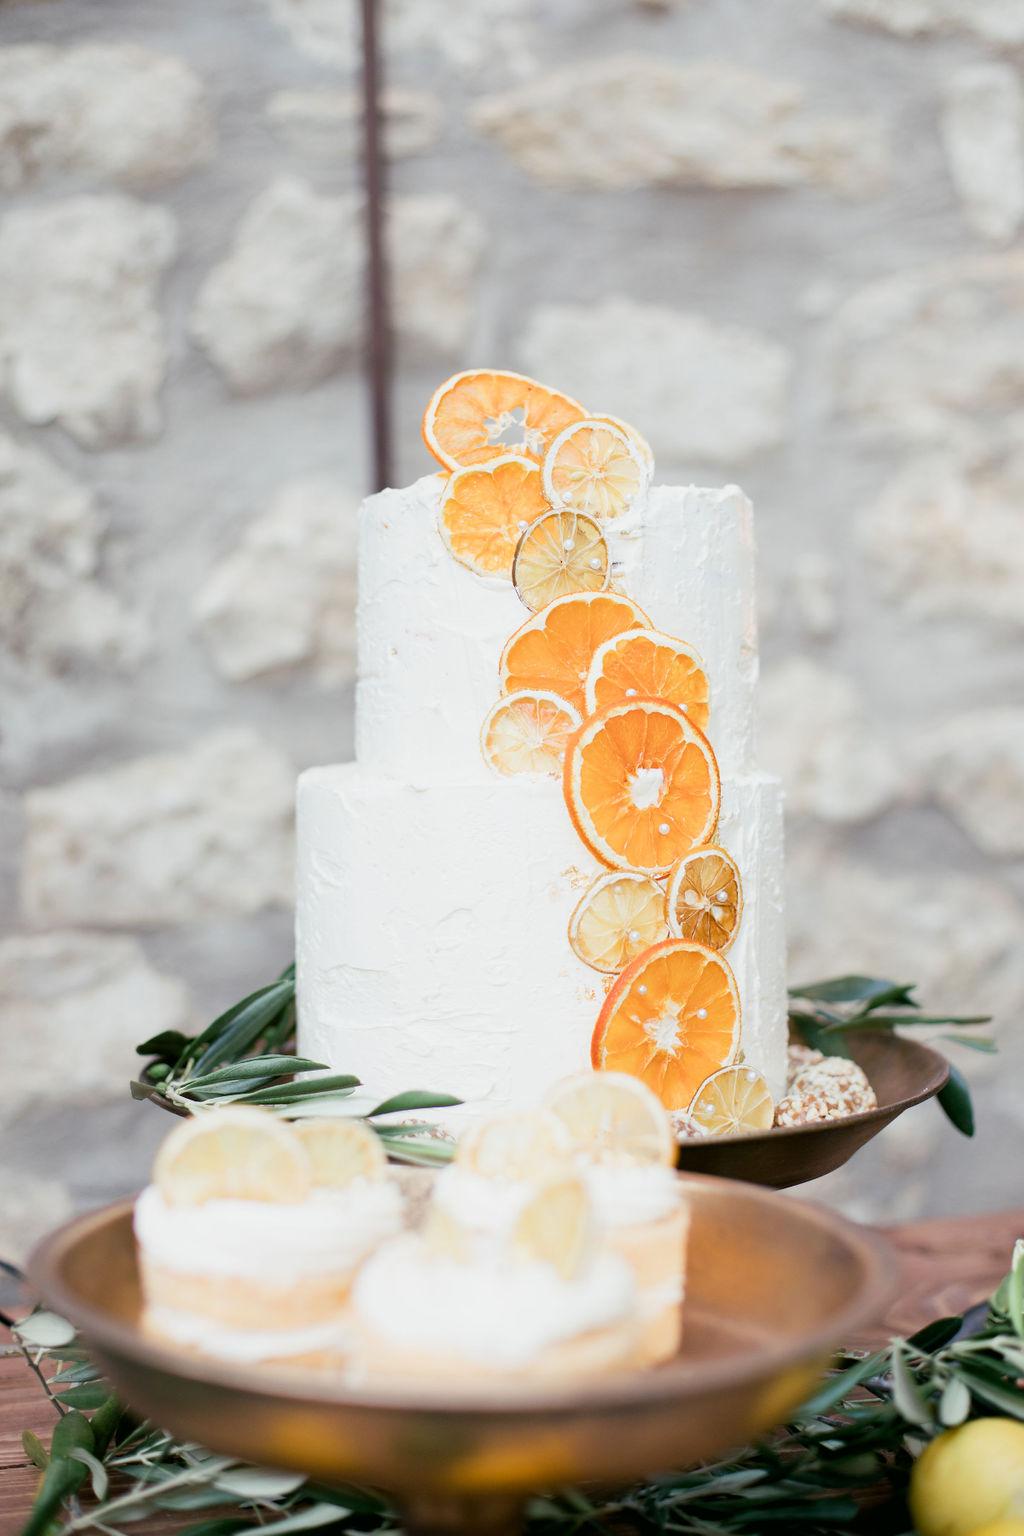 Hochzeitstorte Orangen, Hochzeitstorte mediterran getrocknete Orangen